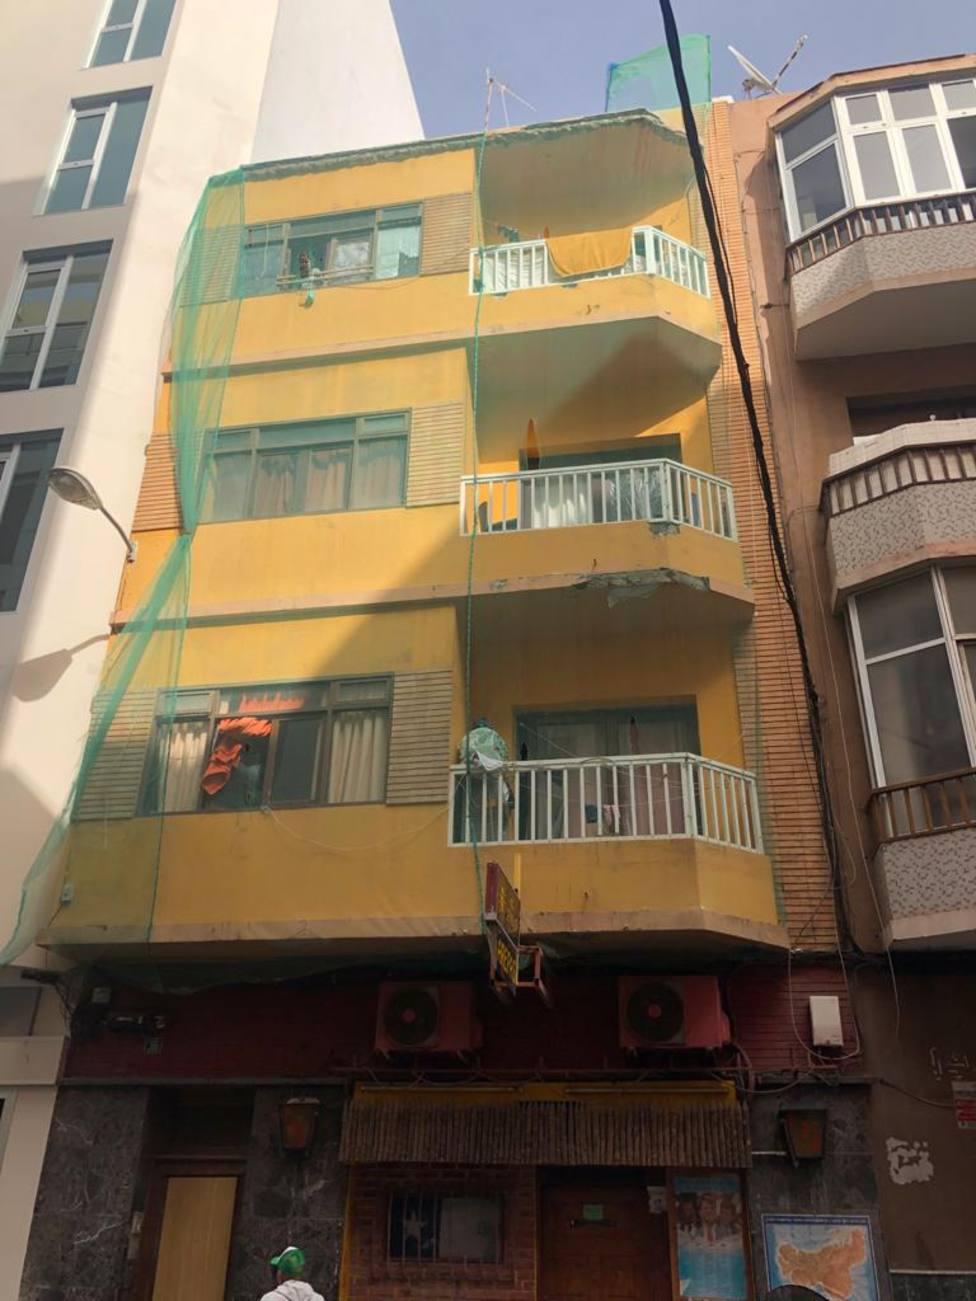 Nos hemos gastado más de 6.000 euros para recuperar nuestas viviendas okupadas y no ha servido para nada